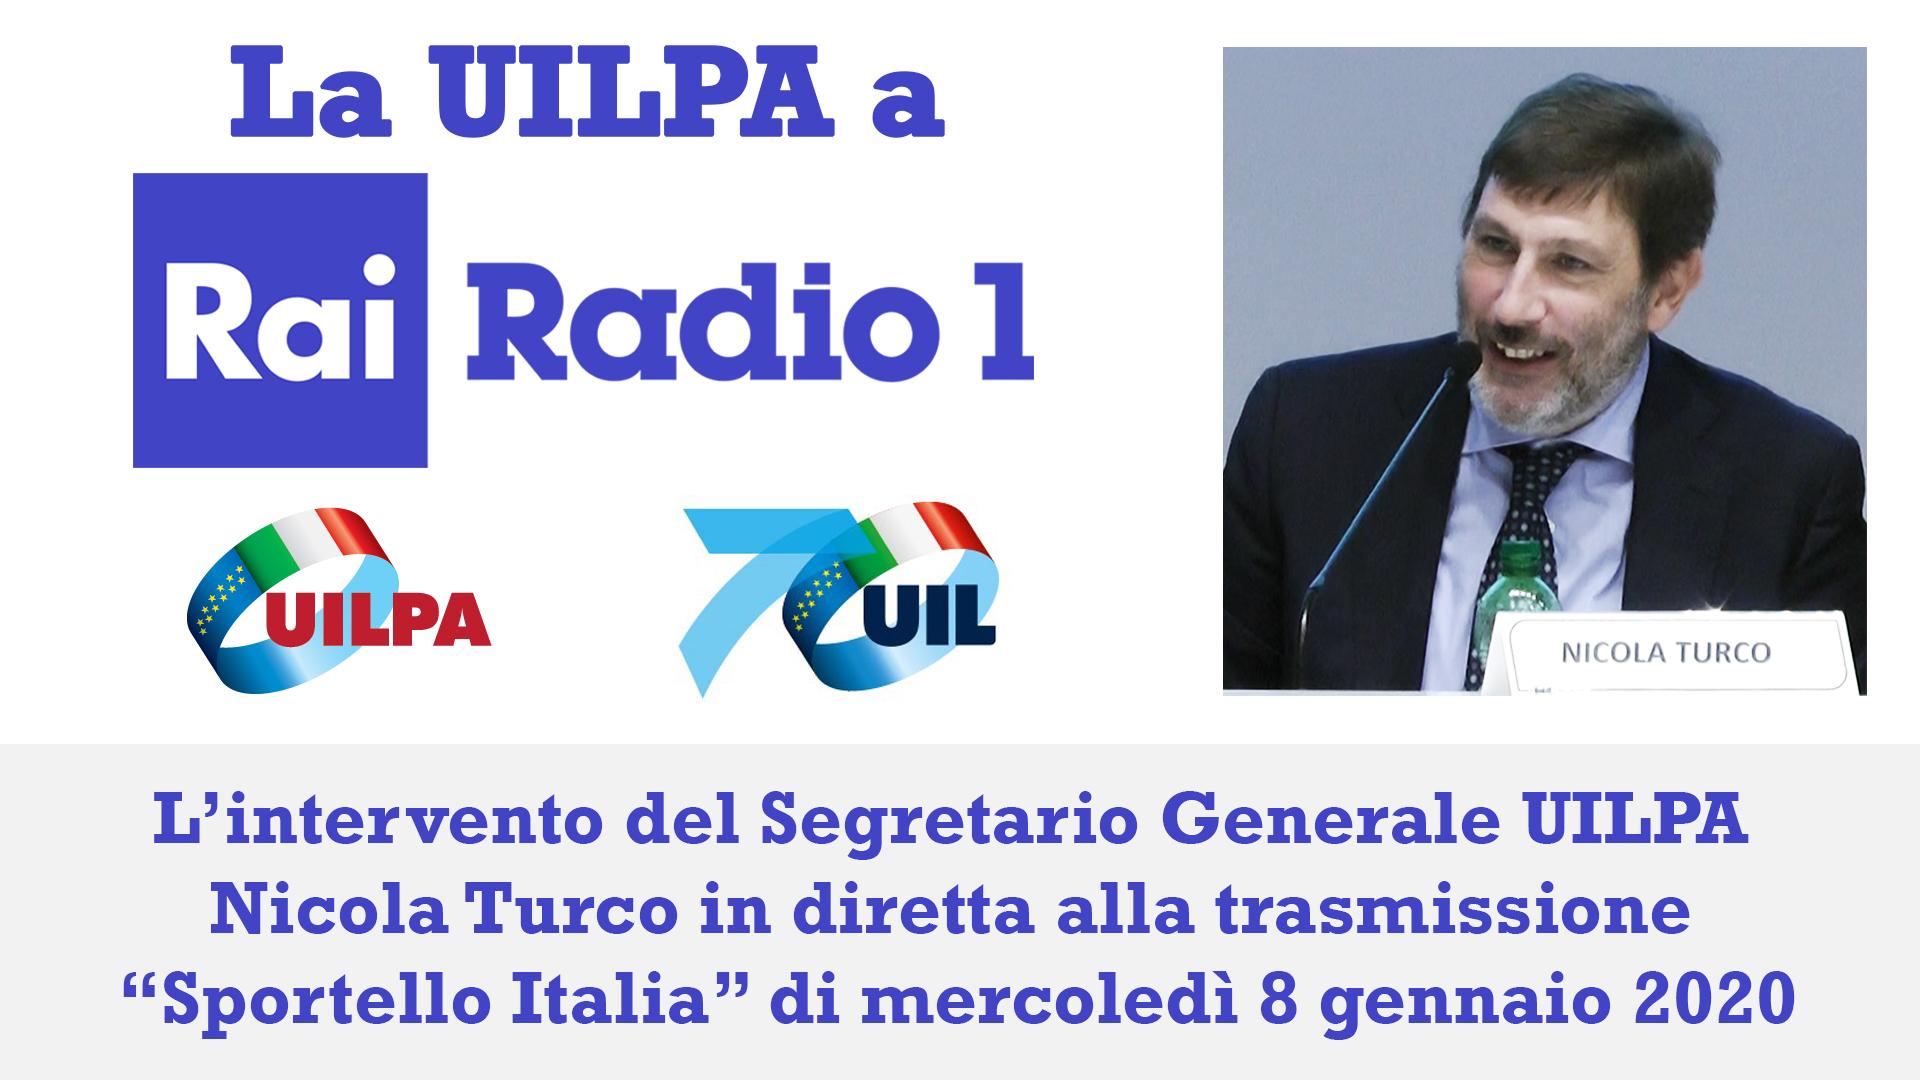 La UILPA a Rai Radio 1: ascolta l'intervento del Segretario Generale Nicola Turco alla trasmissione 'Sportello Italia'